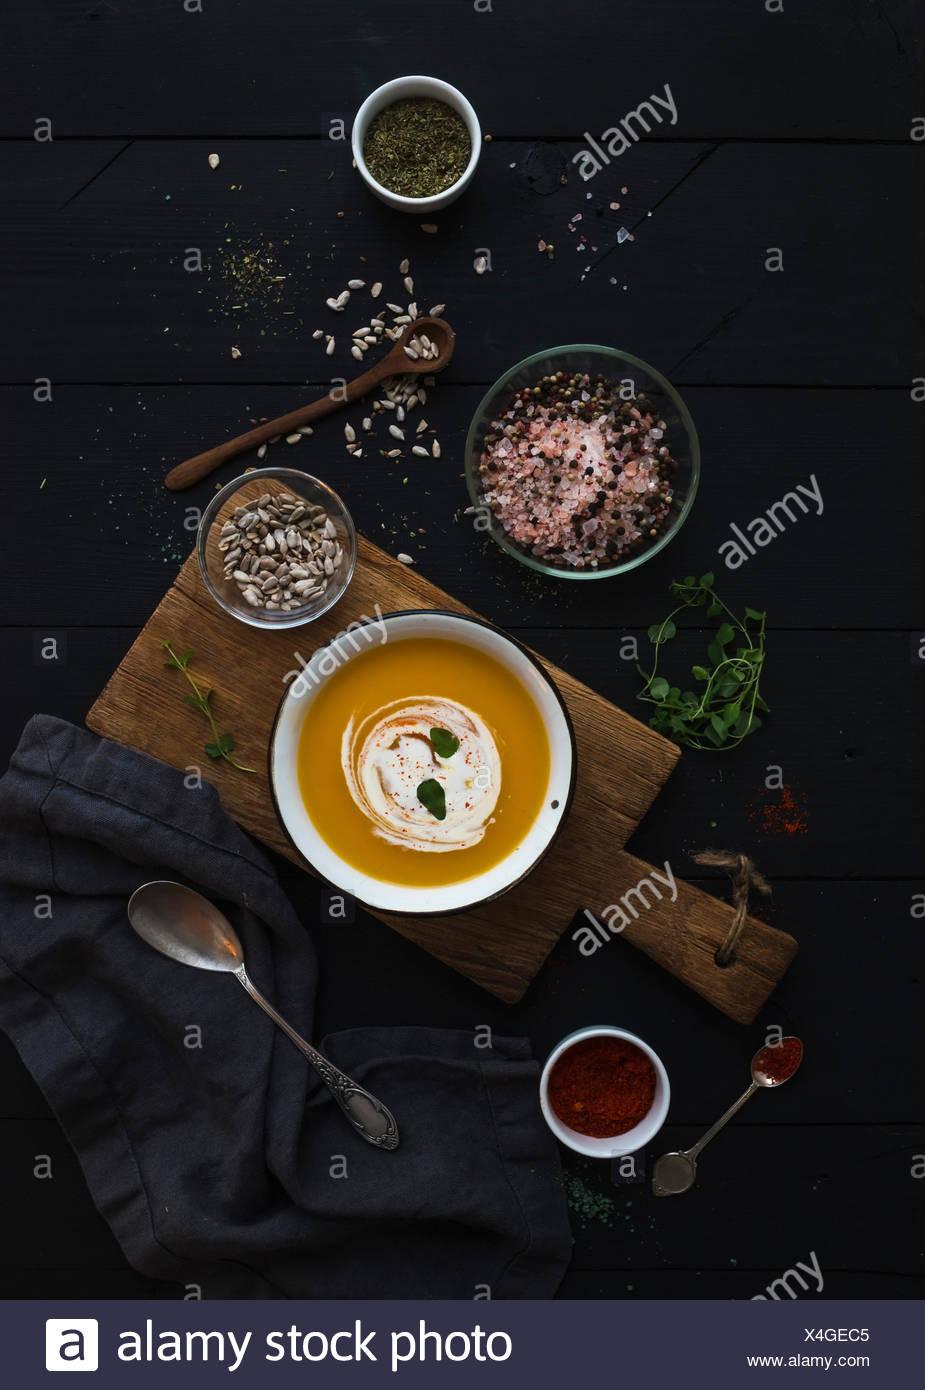 Soupe de potiron à la crème, les graines et les épices dans un bol en métal rustique sur planche de bois plus grunge fond noir. Vue d'en haut Photo Stock